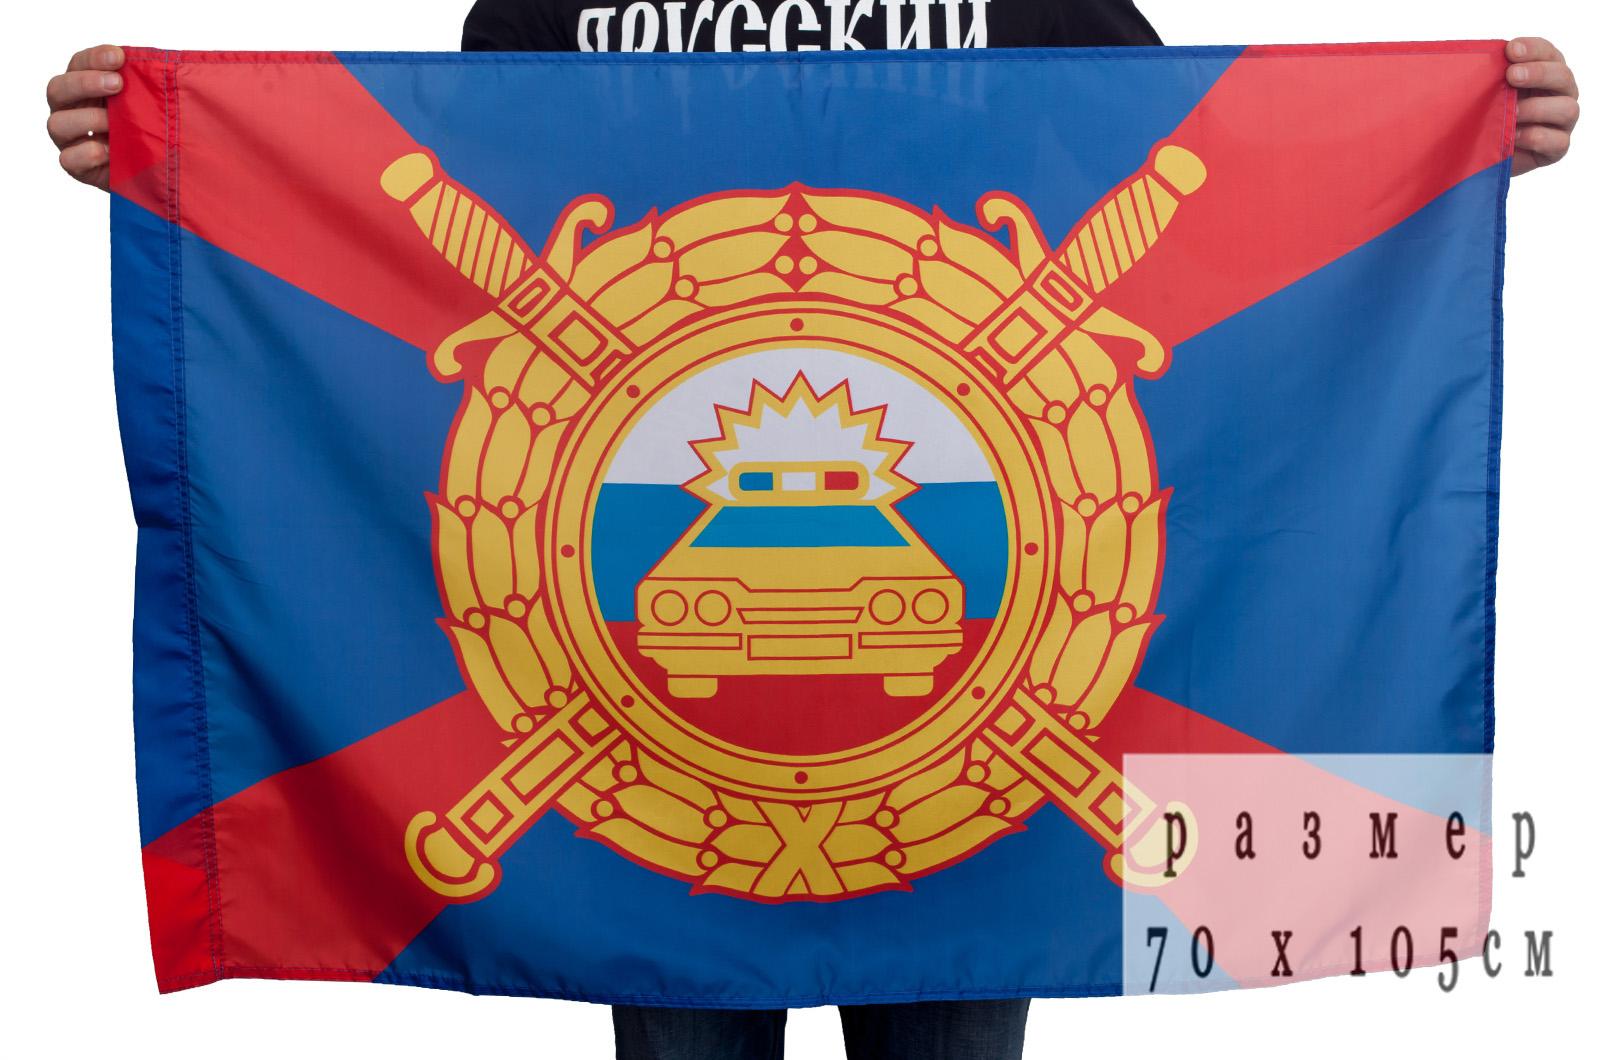 Двухсторонний флаг Дорожно-патрульной службы